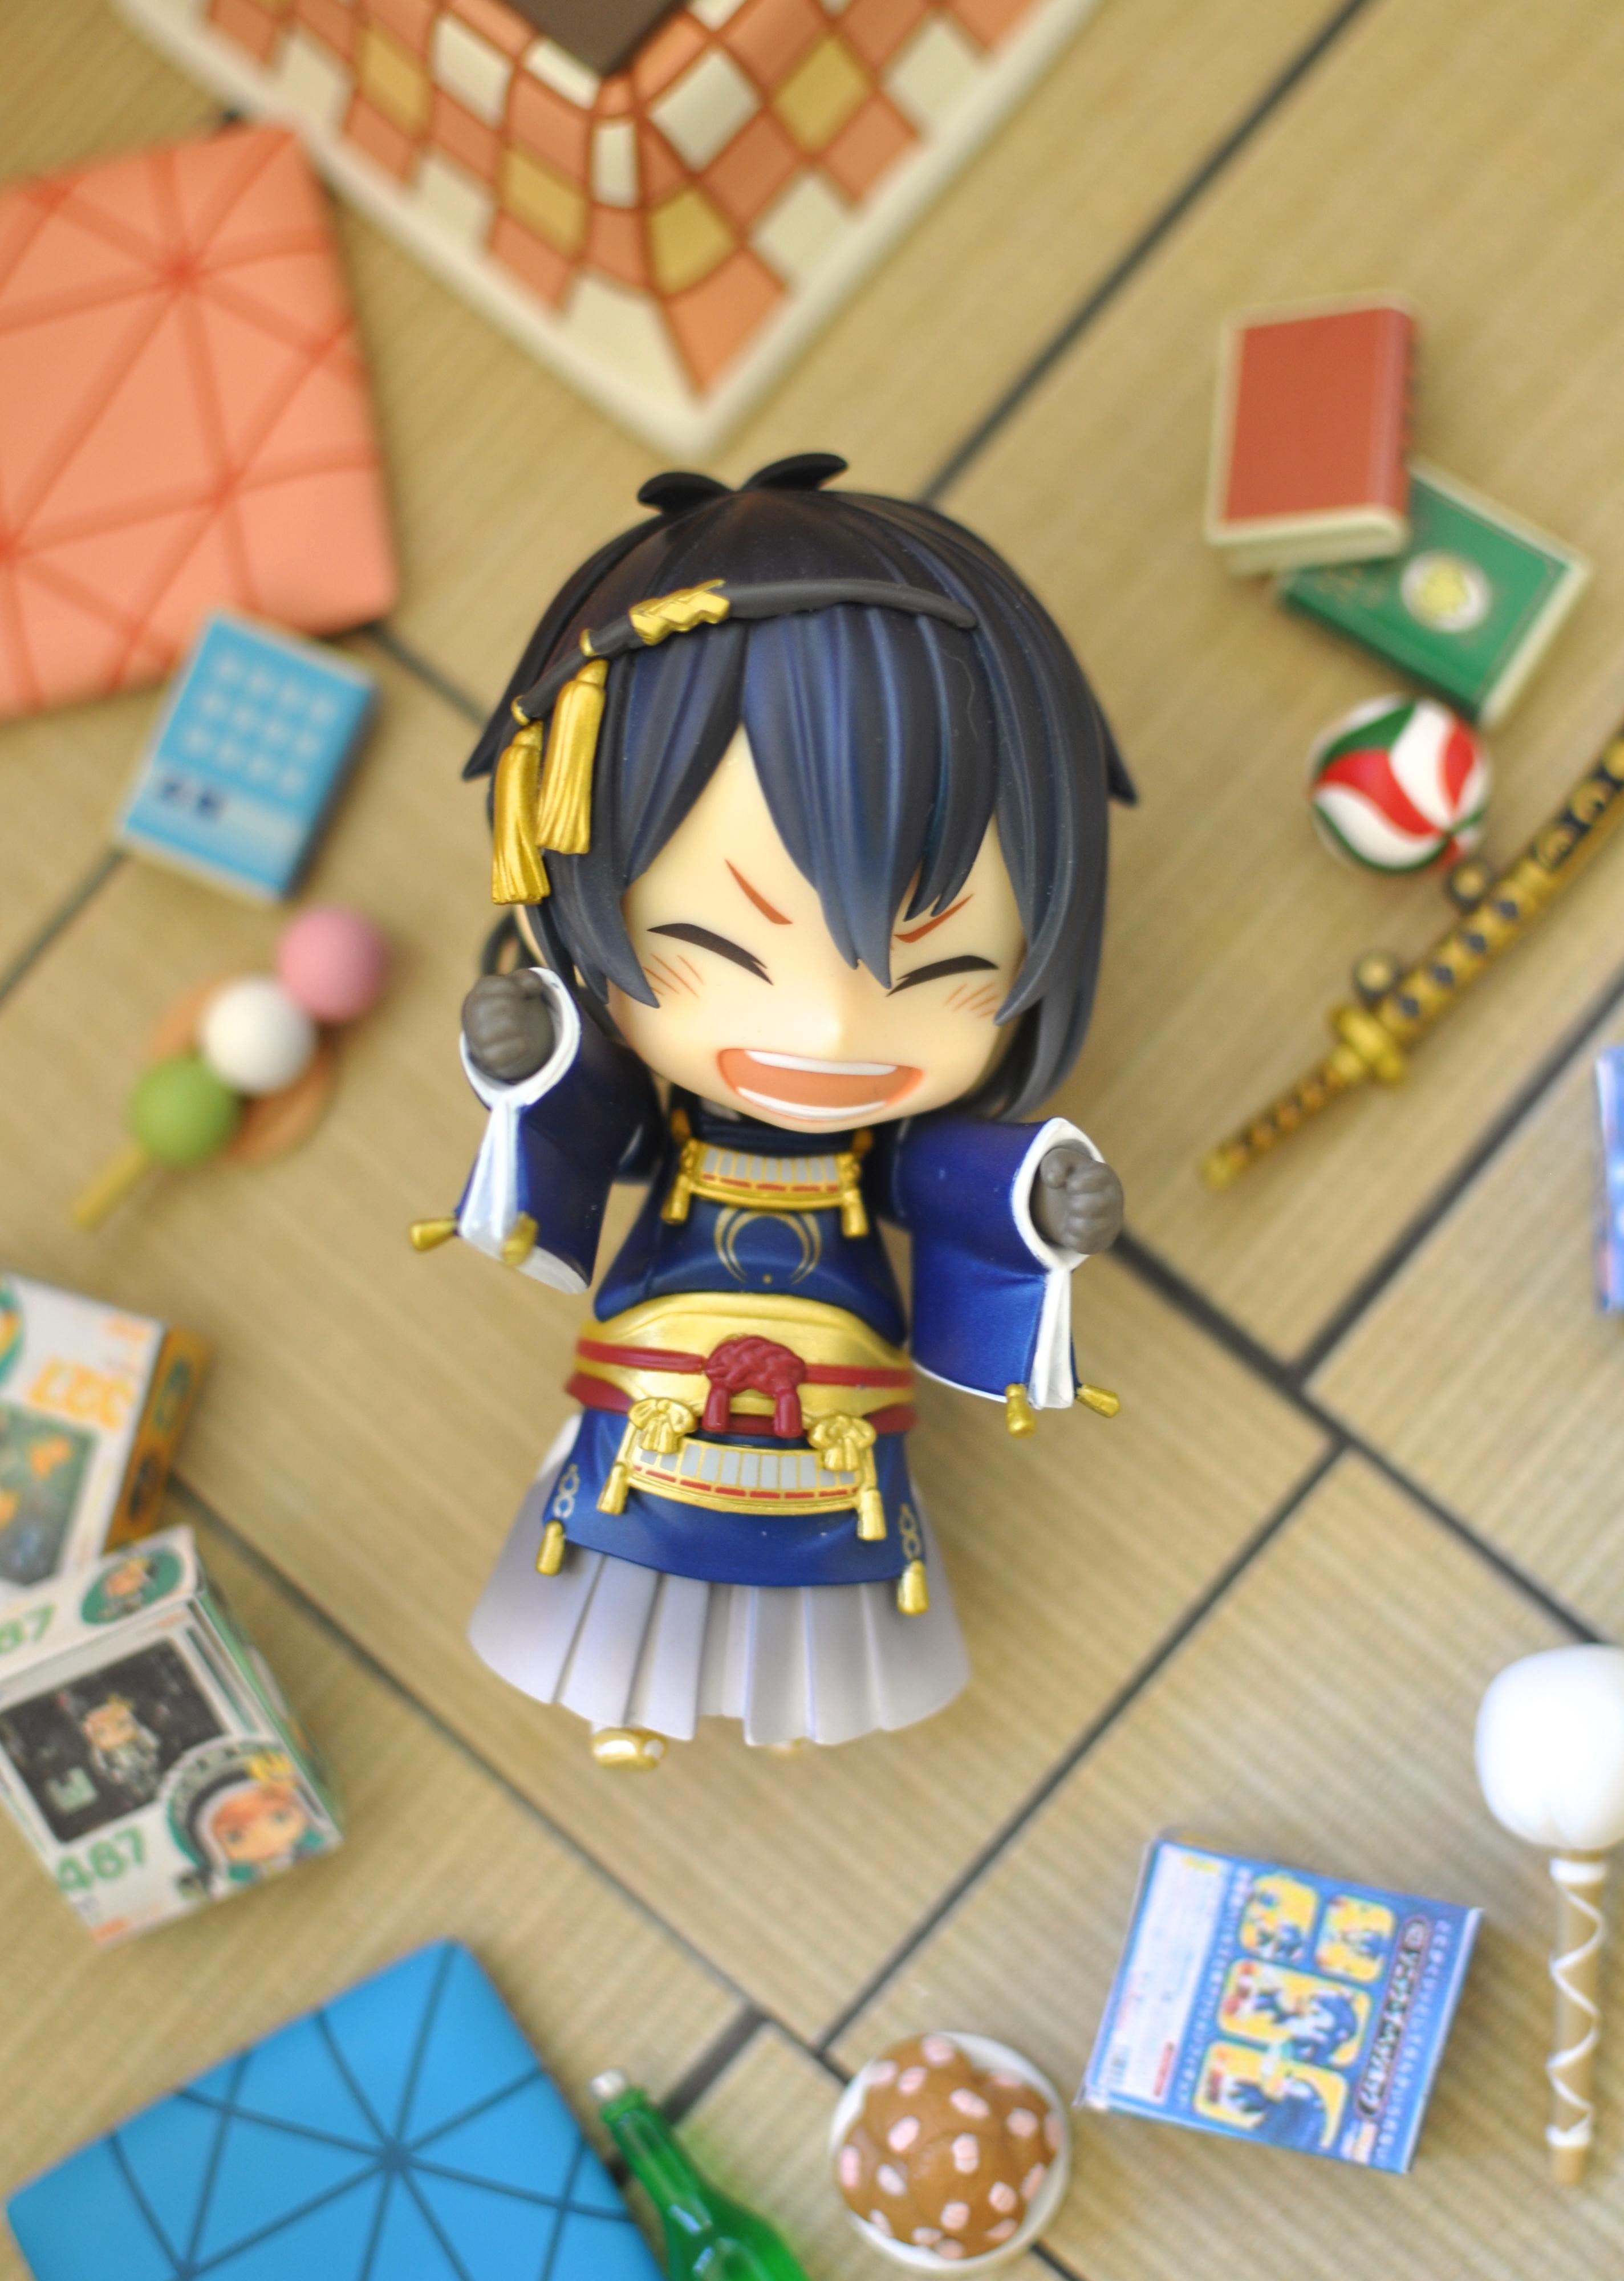 nendoroid good_smile_company shueisha nitroplus nendoron shichibee haikyuu!! furudate_haruichi hinata_shouyou sasaki_kai dmm.com mikazuki_munechika touken_ranbu_-_online katanashi